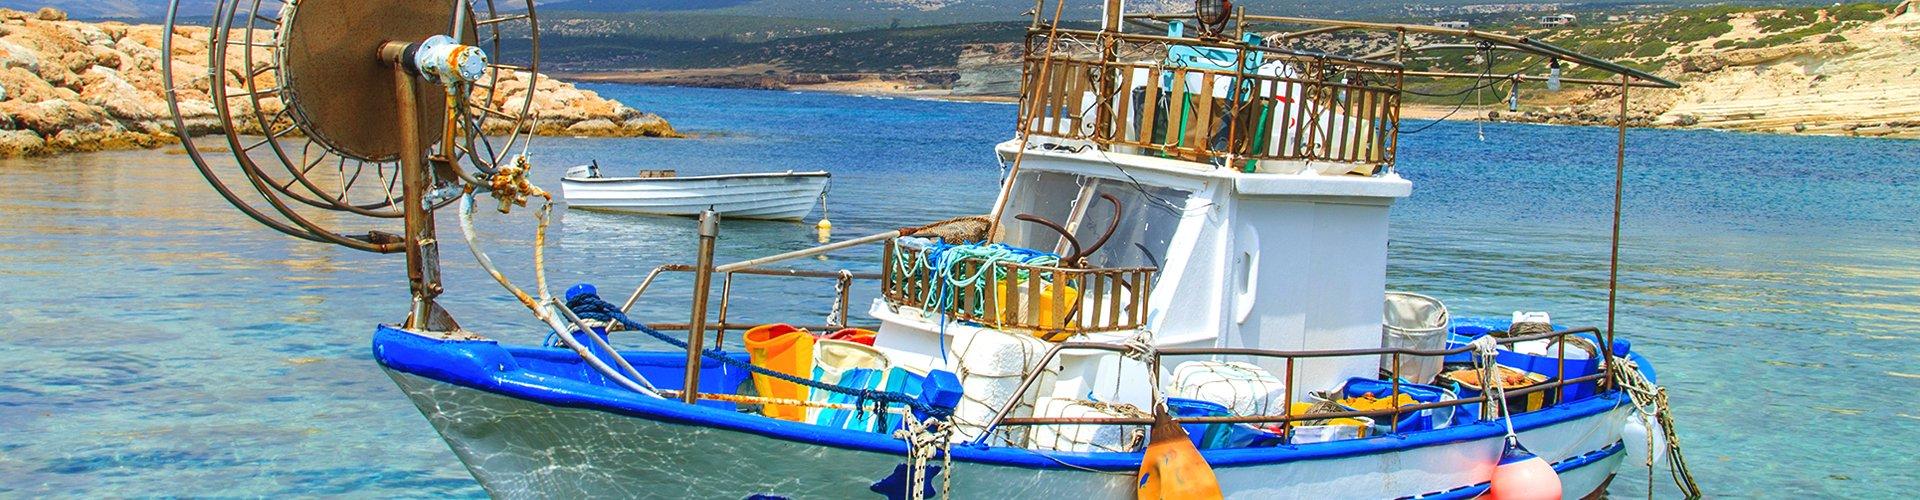 Bootje bij Cefalu op Sicilië, Italië